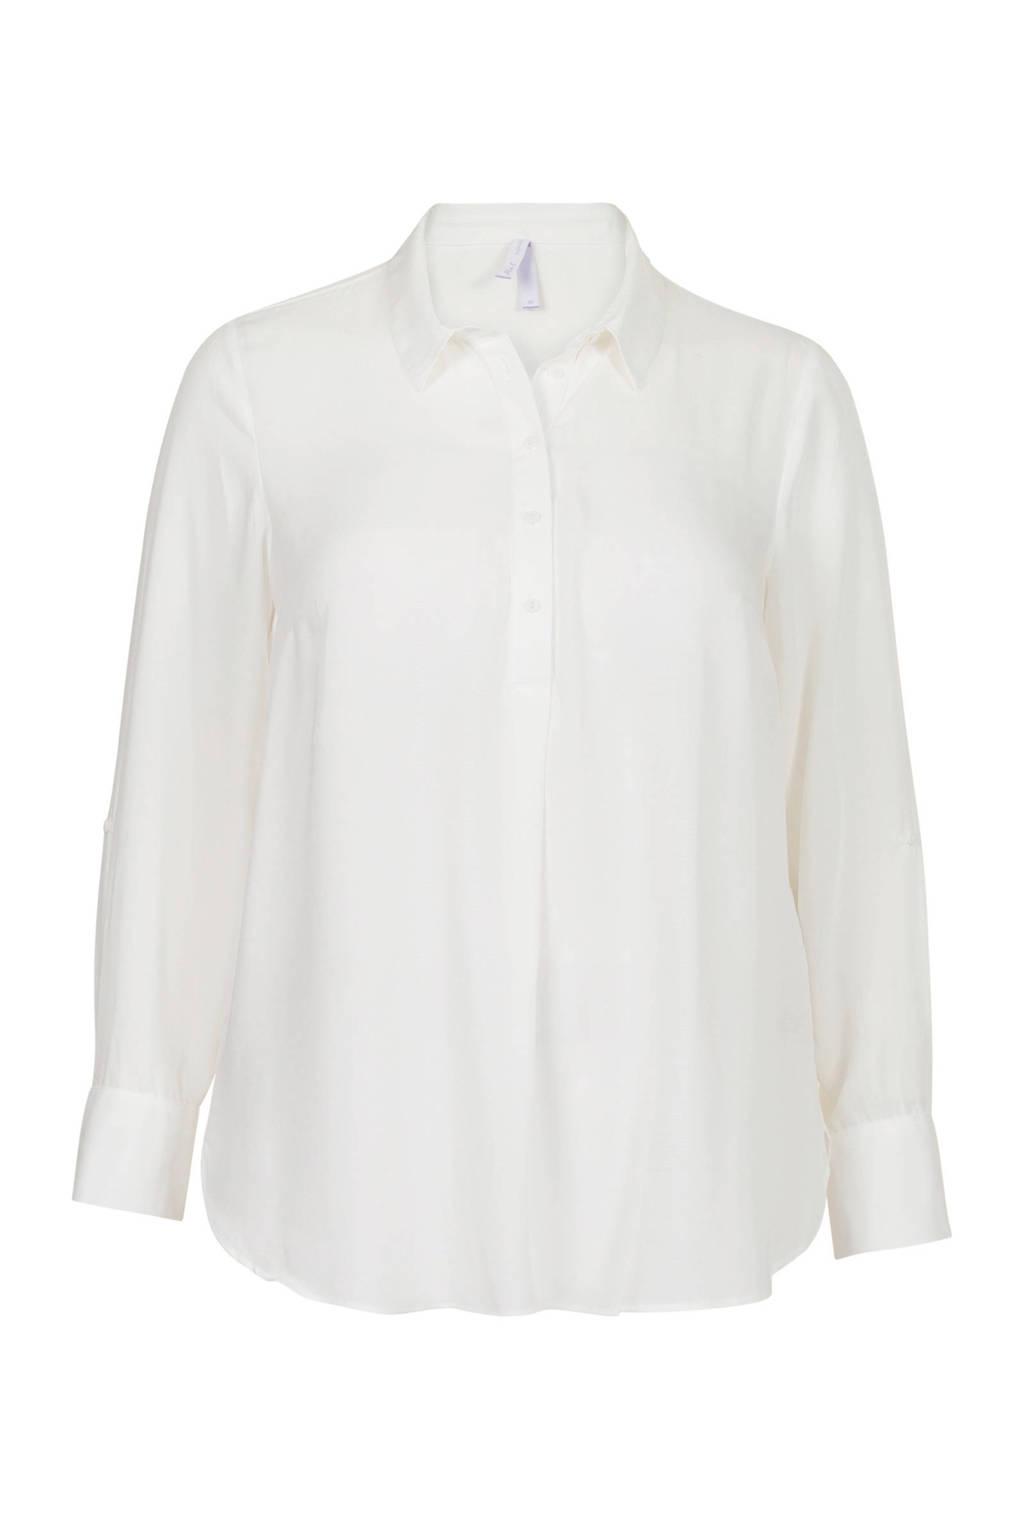 Miss Etam Lang blouse wit, Wit